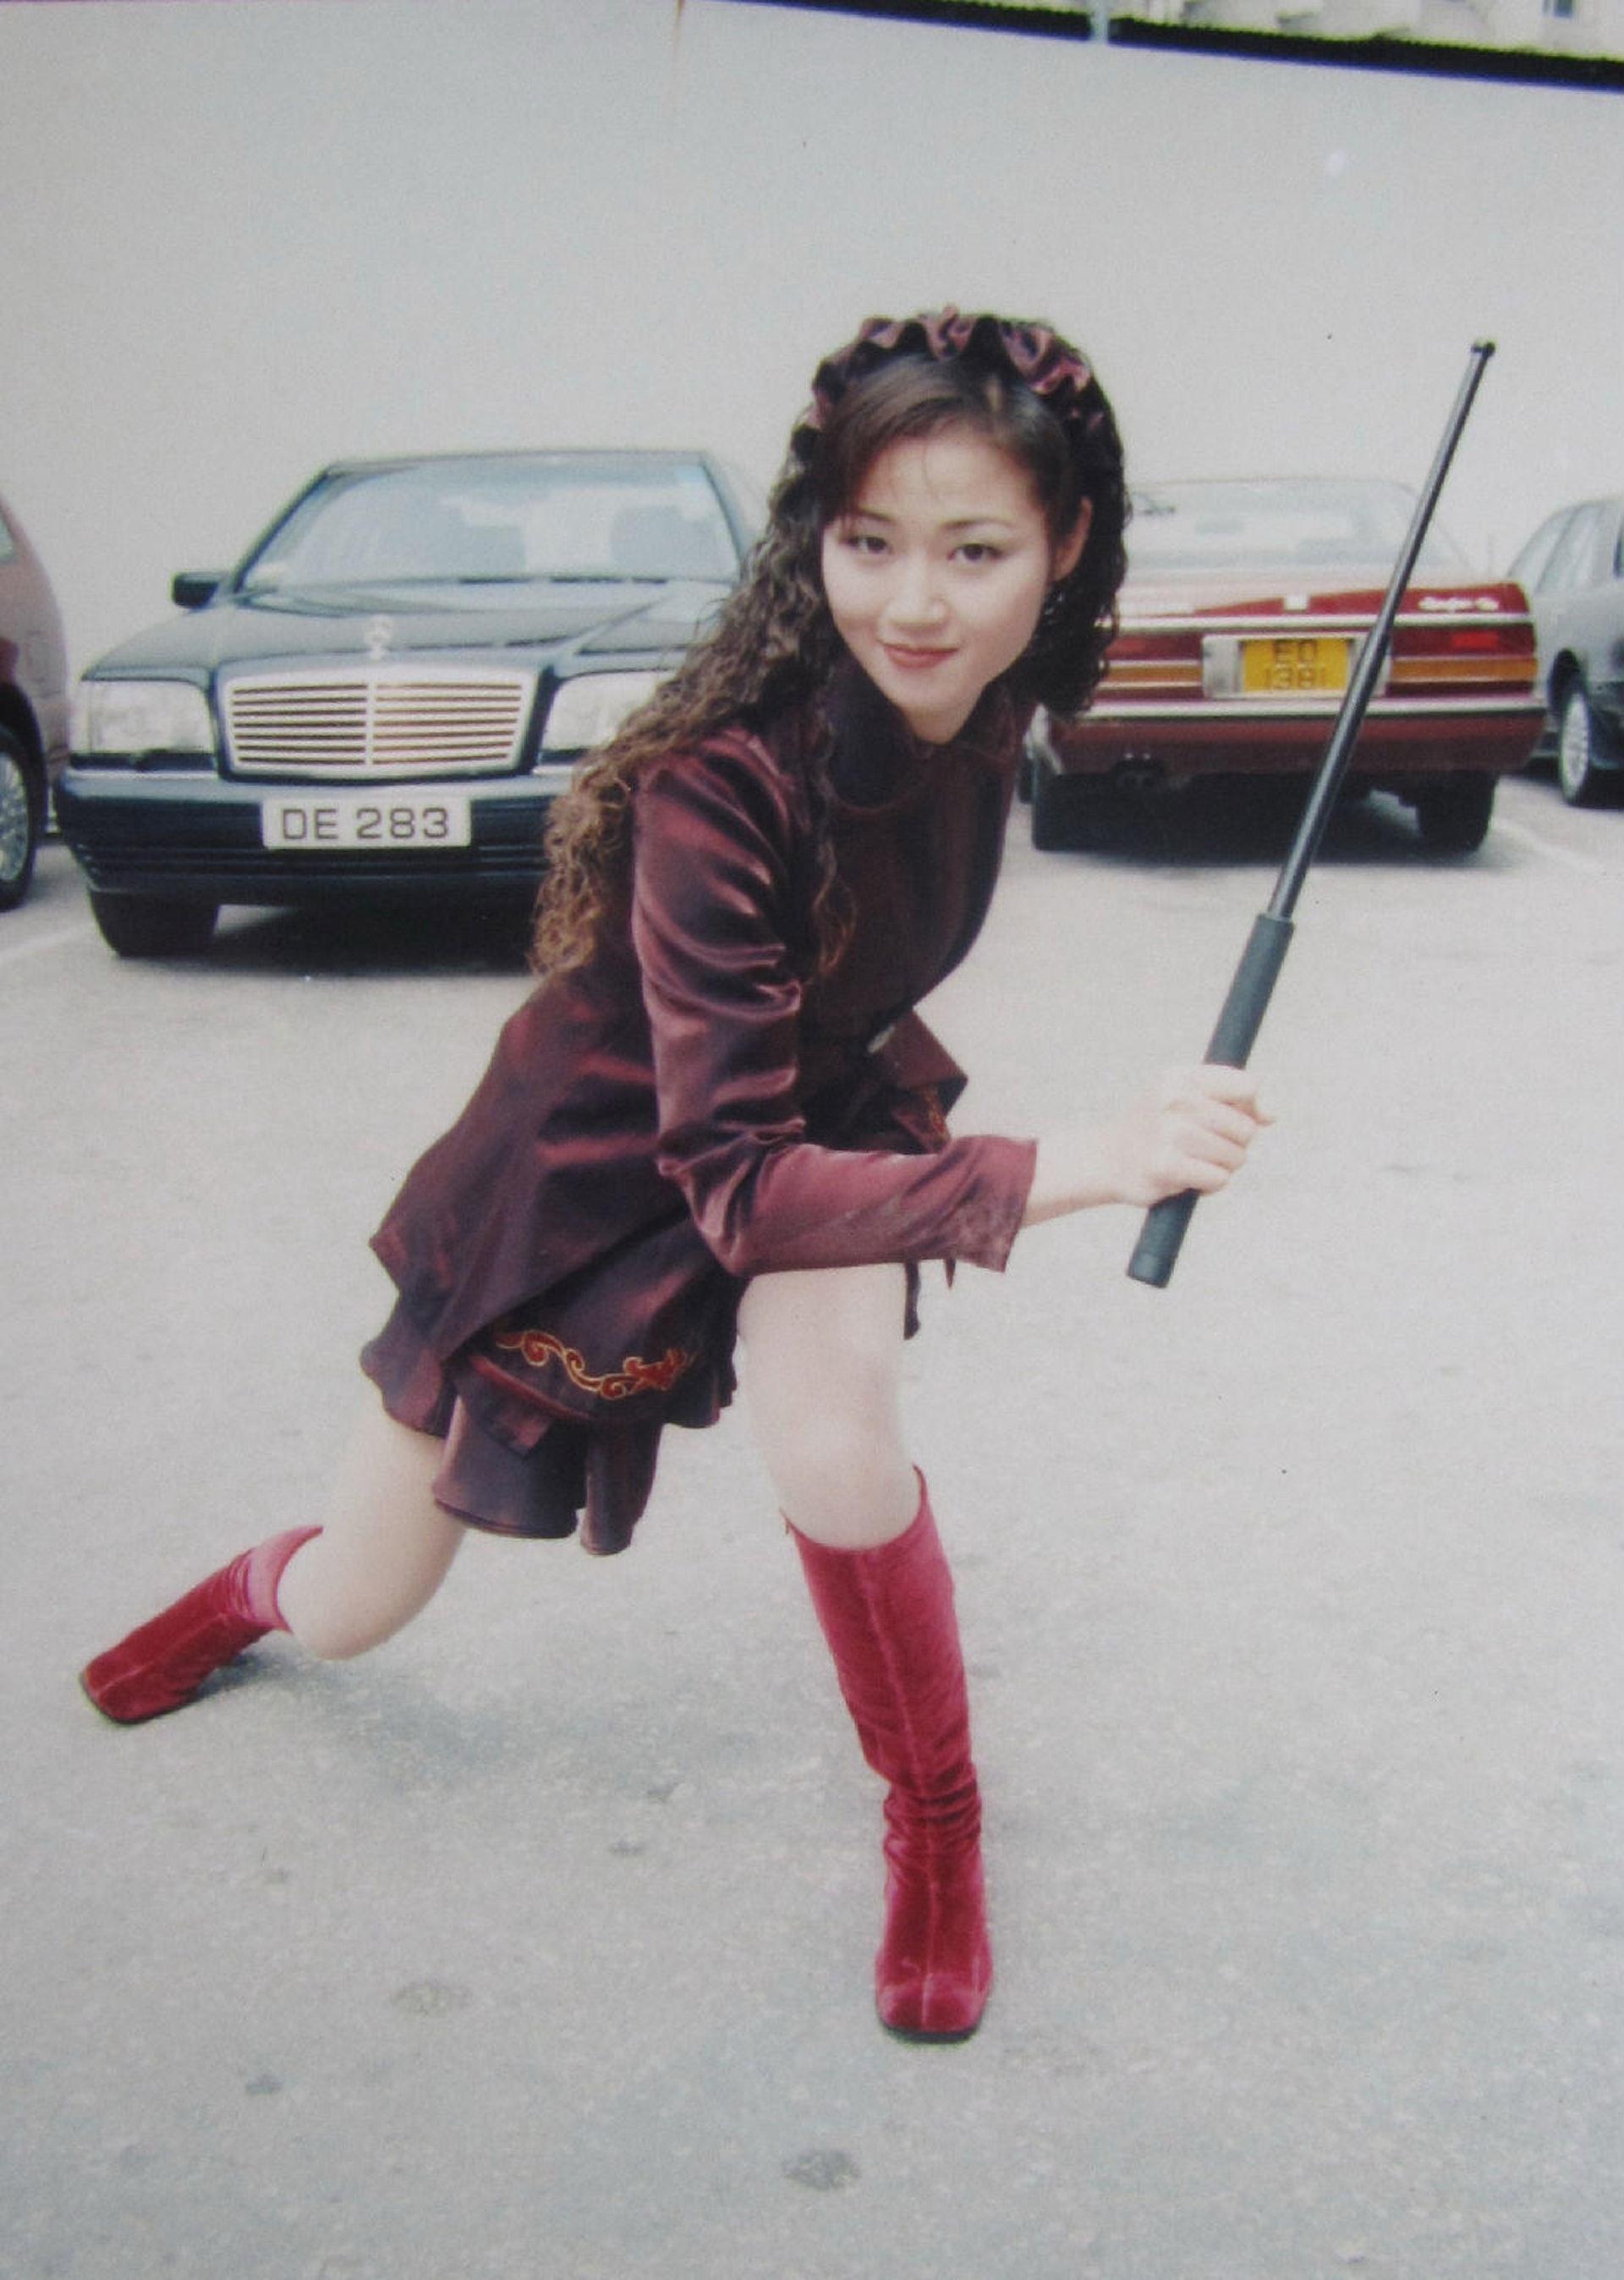 對於馬小玲要穿短裙着長靴的設計,陳十三直言當年看過萬綺雯的造型後未算滿意。「我覺得佢第一輯未夠性感,可以再Sexy啲,所以去到第二輯,佢其實係Sexy過第一輯嘅!」(網上圖片)